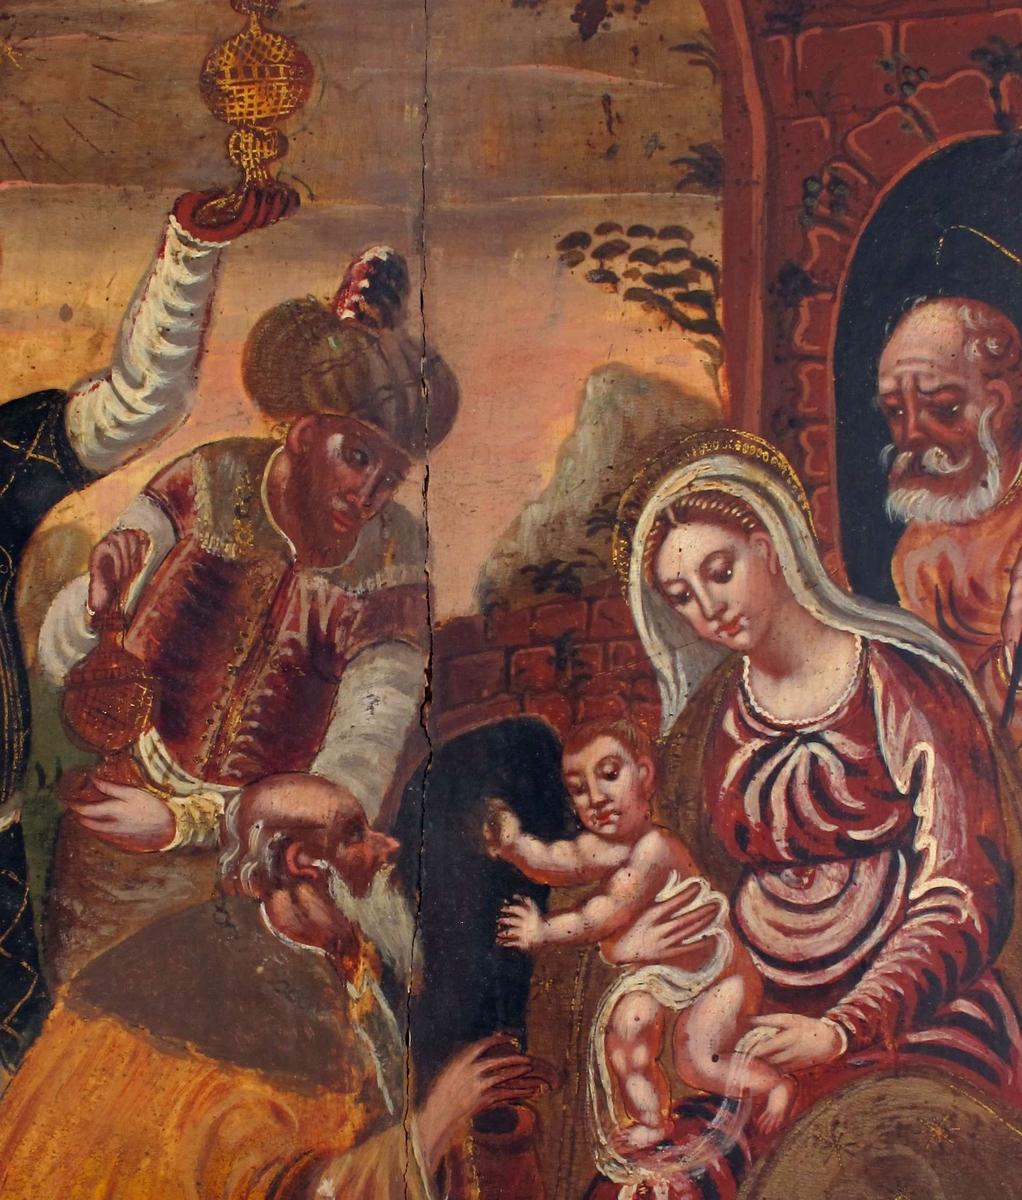 De hellige tre kongers tilbedelse. Maria med barnet på fanget sitter i forgrunnet t.h. med Josef stående i stalldøren i bakgrunnen, stallen en antikk ruin. Til venstre de tre konger, den ene  på kne ved barnets føtter, har lagt turbanen på marken, holder salvekrukke i hendene. Bak ham so stående konger, i orientalske klær m. turban på hodet, gylne røkelseskar i hendene. Bak dem vidt utsyn til aftenhimmmel og Betlehemsstjerne.